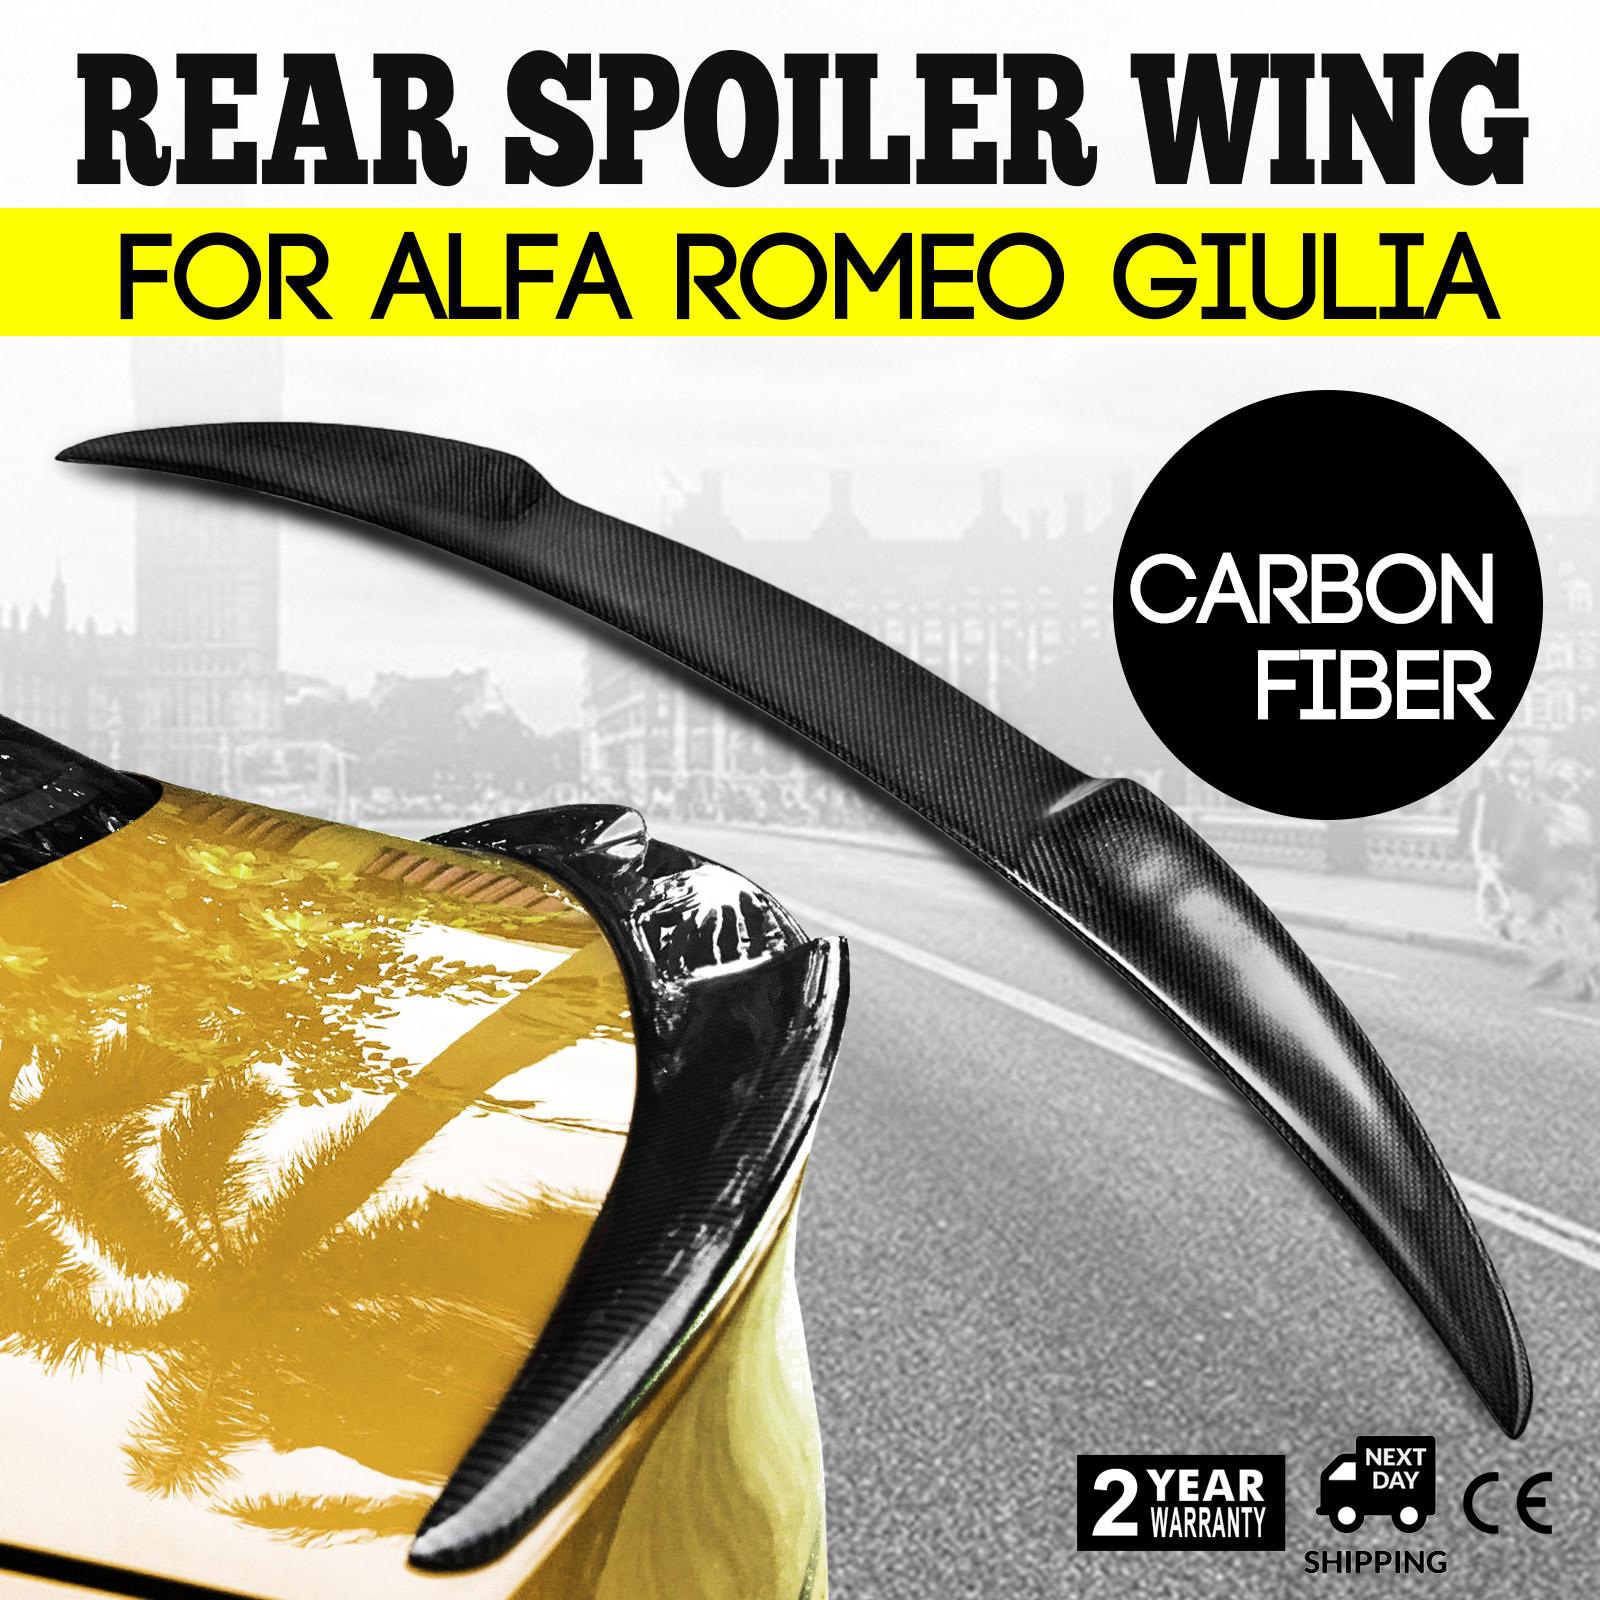 For Alfa Romeo Giulia Quadrifoglio Verde Qv Style Carbon Fiber Rear